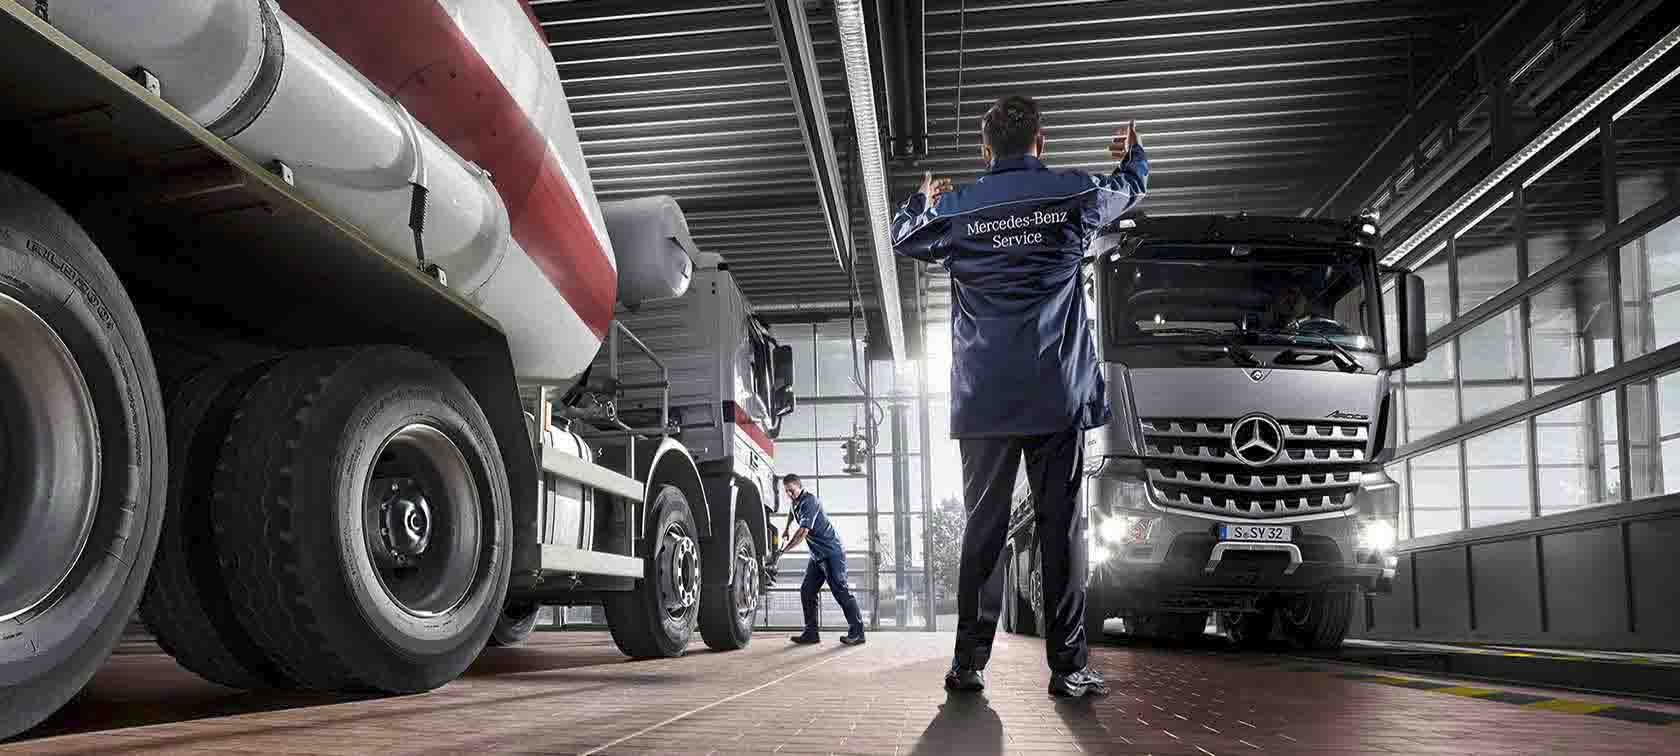 Mercedes, Unimog, Service, Werkstatt, Sonderfahrzeuge